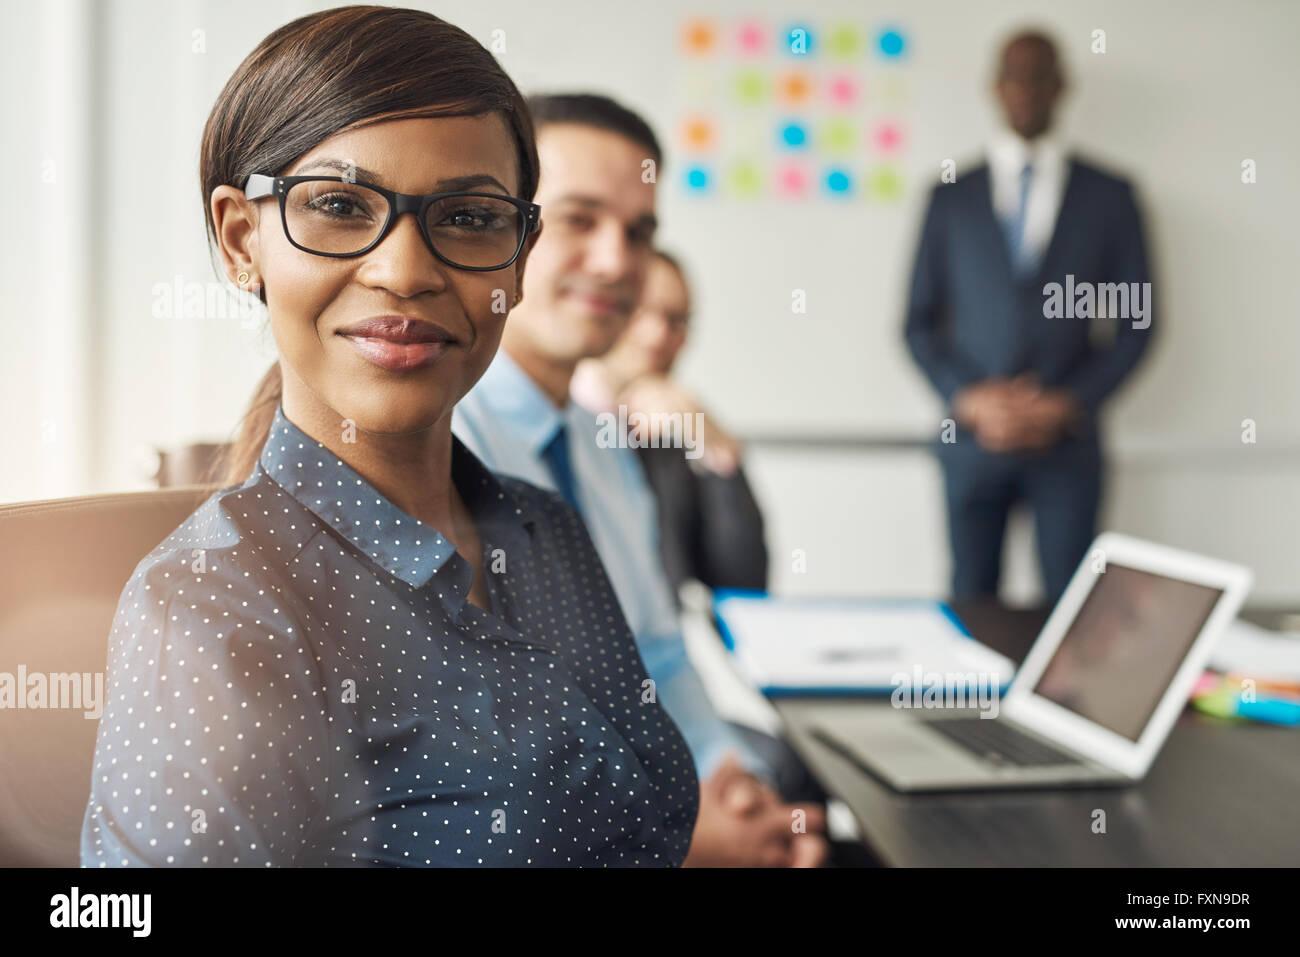 Schöne fröhliche Professionelle Frau tragen Brillen mit männlichen Kollegen sitzen Mitarbeiter und Stockbild